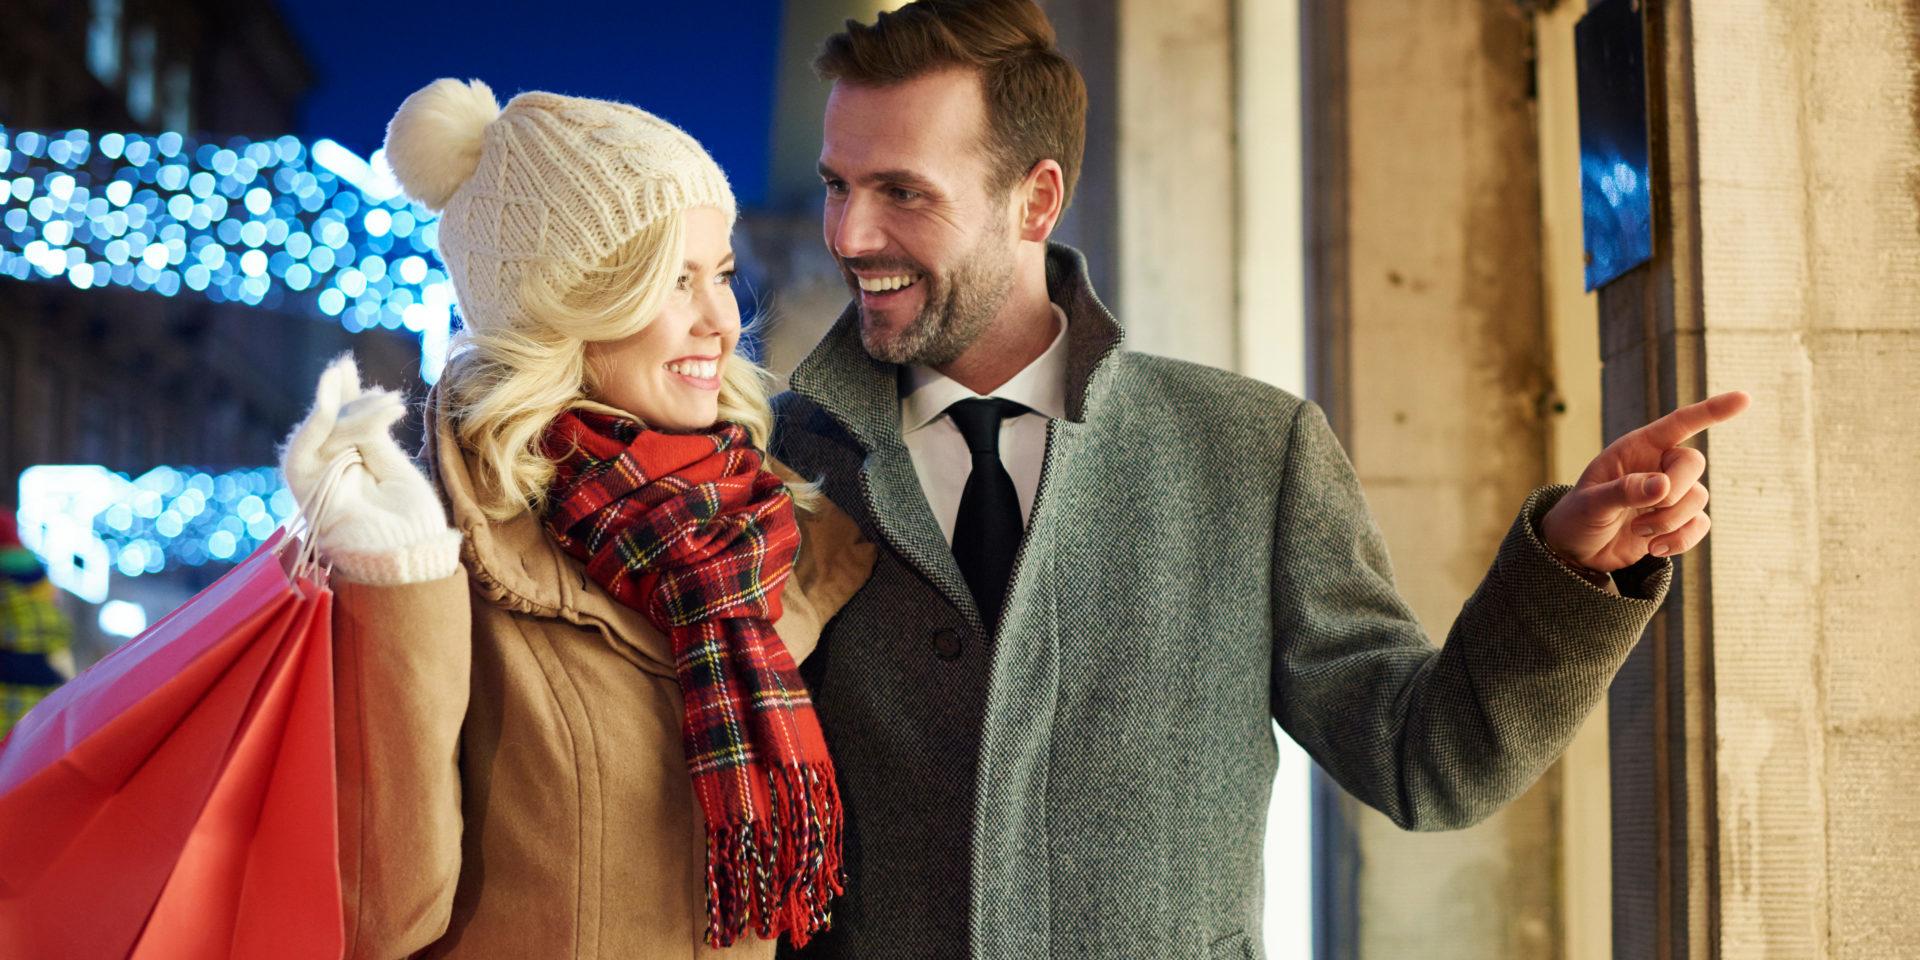 Paar geht zu Weihnachten einkaufen und steht vor einem Geschäft.